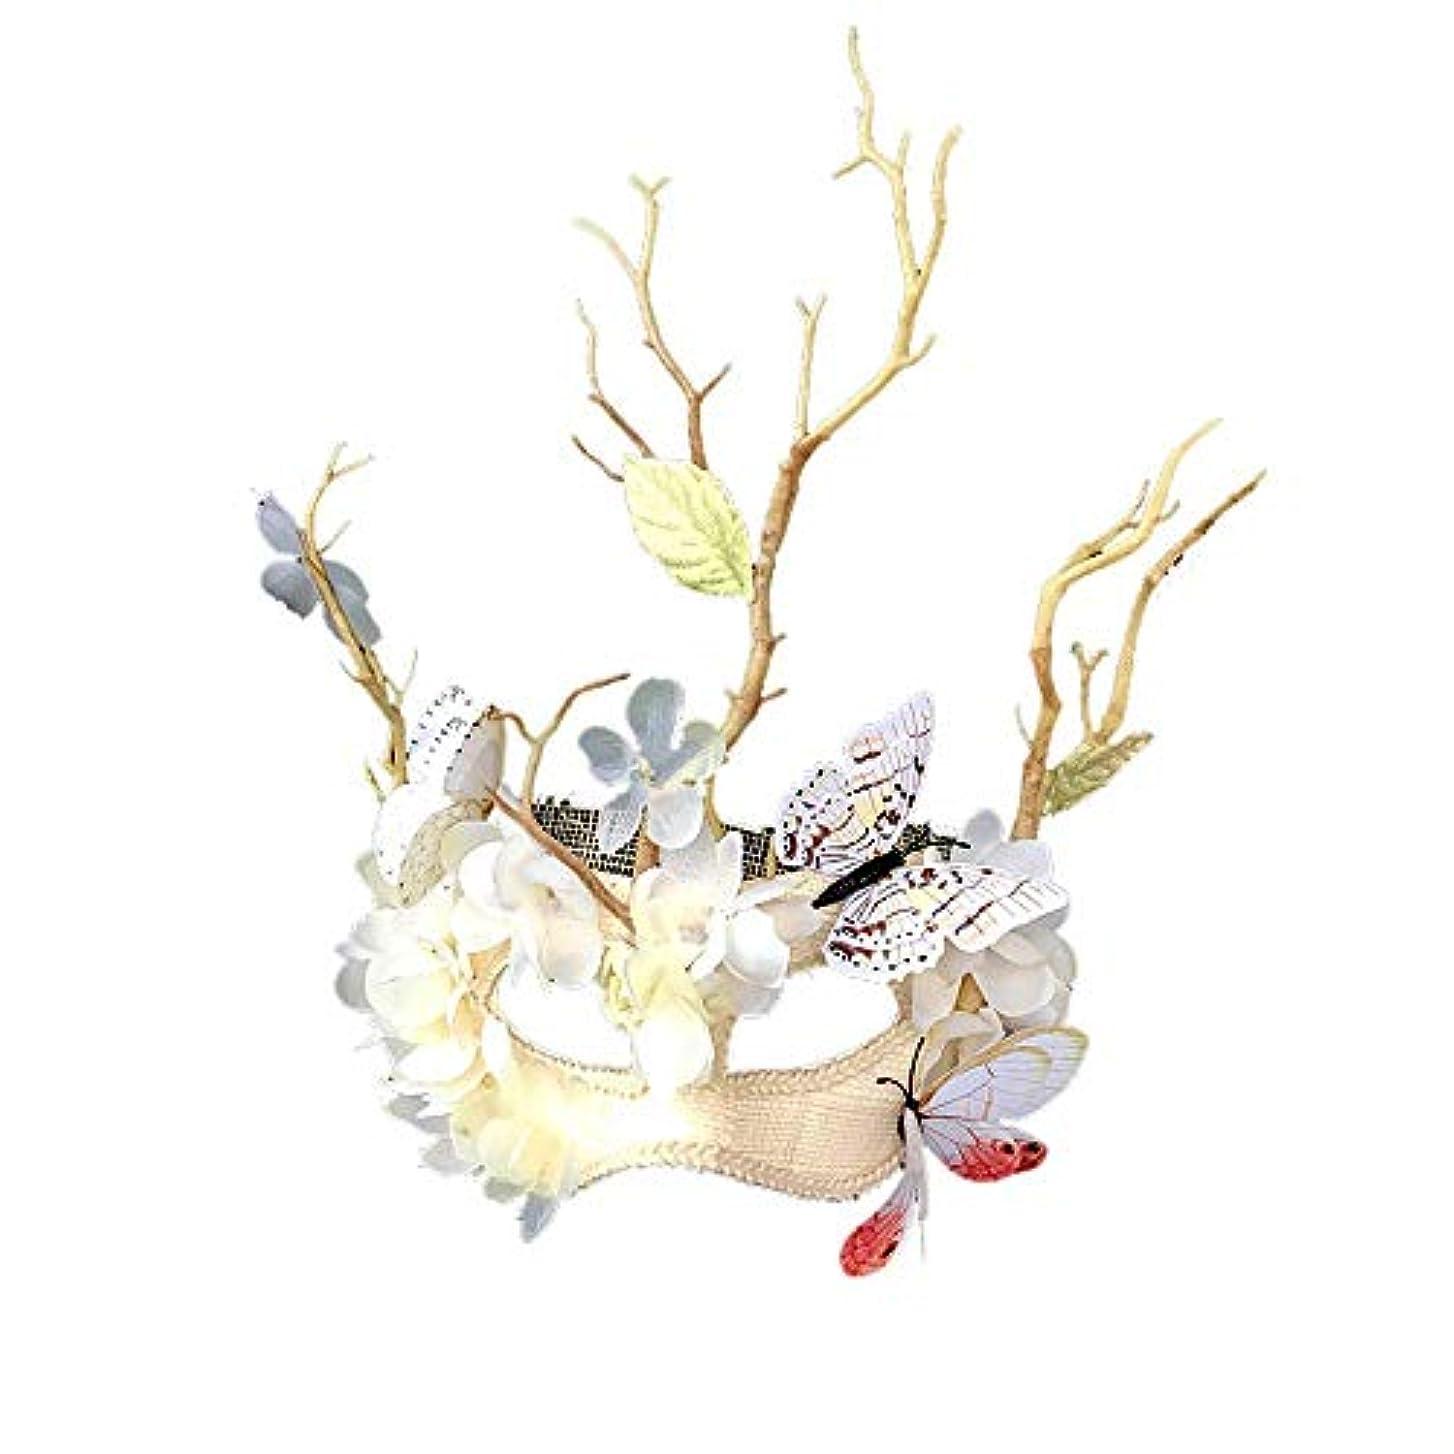 レインコート焦げから聞くNanle ハロウィンの蝶の木ブランチマスク仮装マスクレディミスプリンセス美容祭パーティーデコレーション (色 : ベージュ)